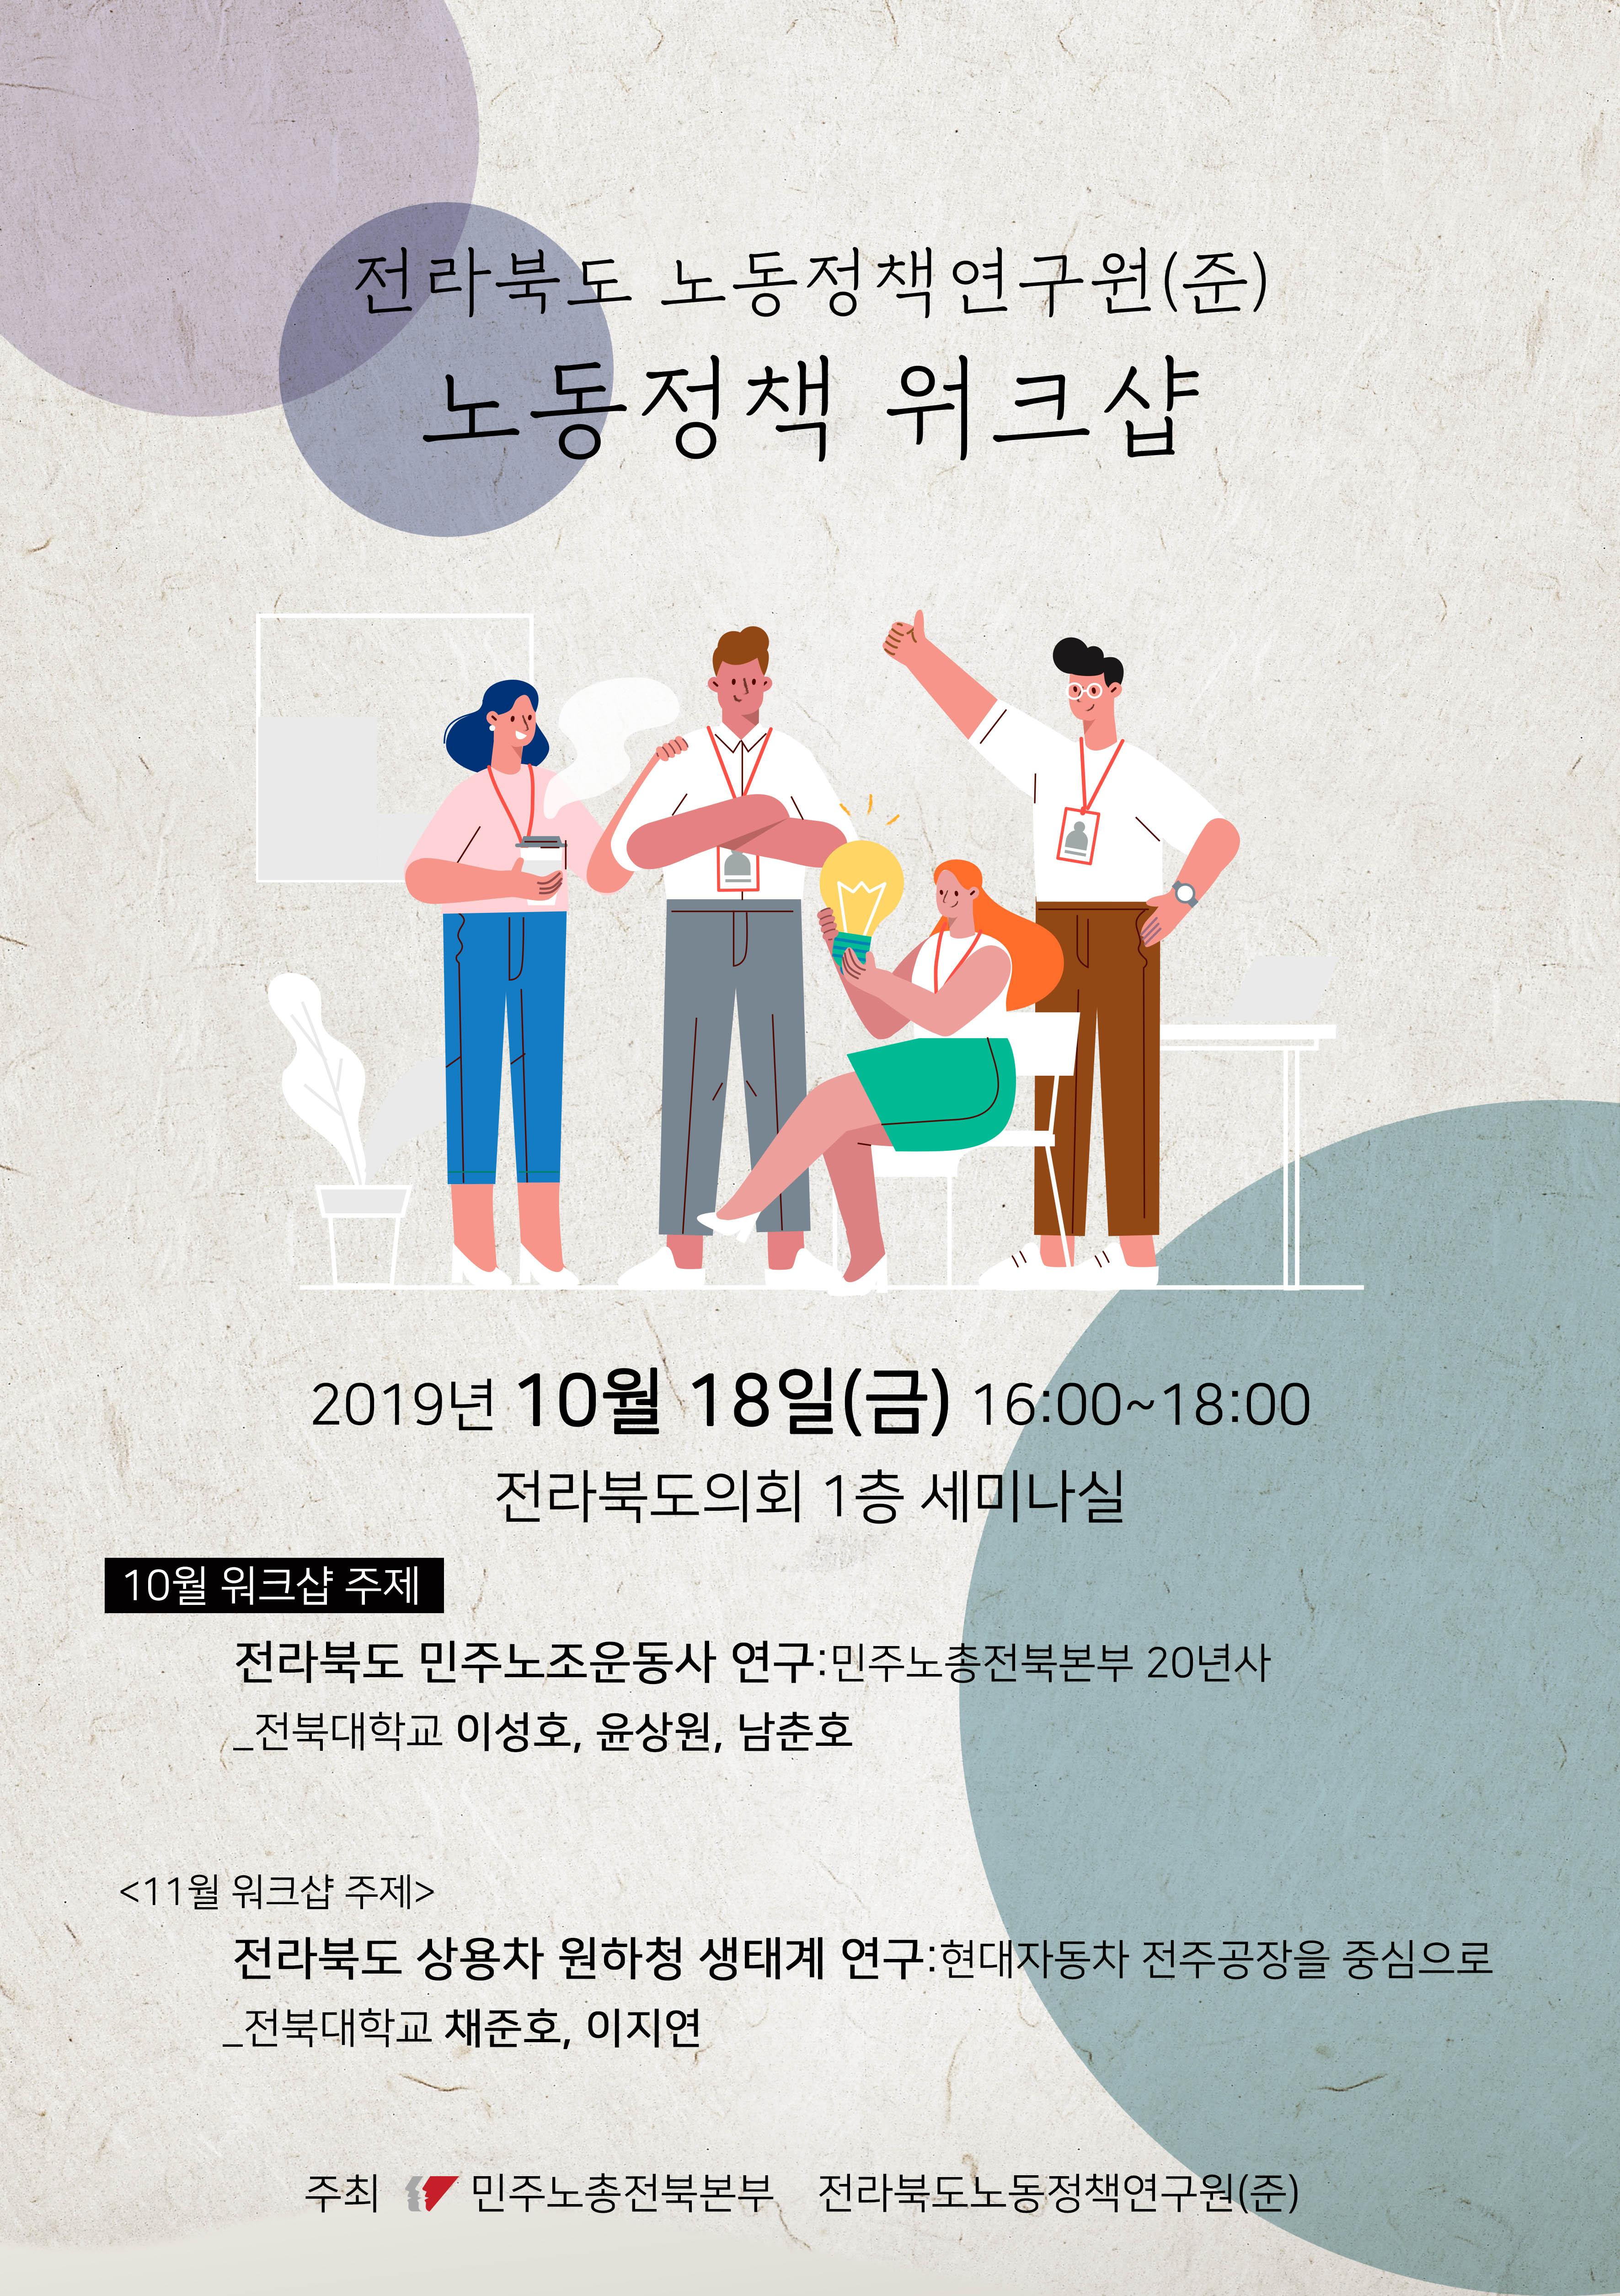 1004전라북도 노동정책연구원(준)노동정책워크샵.jpg